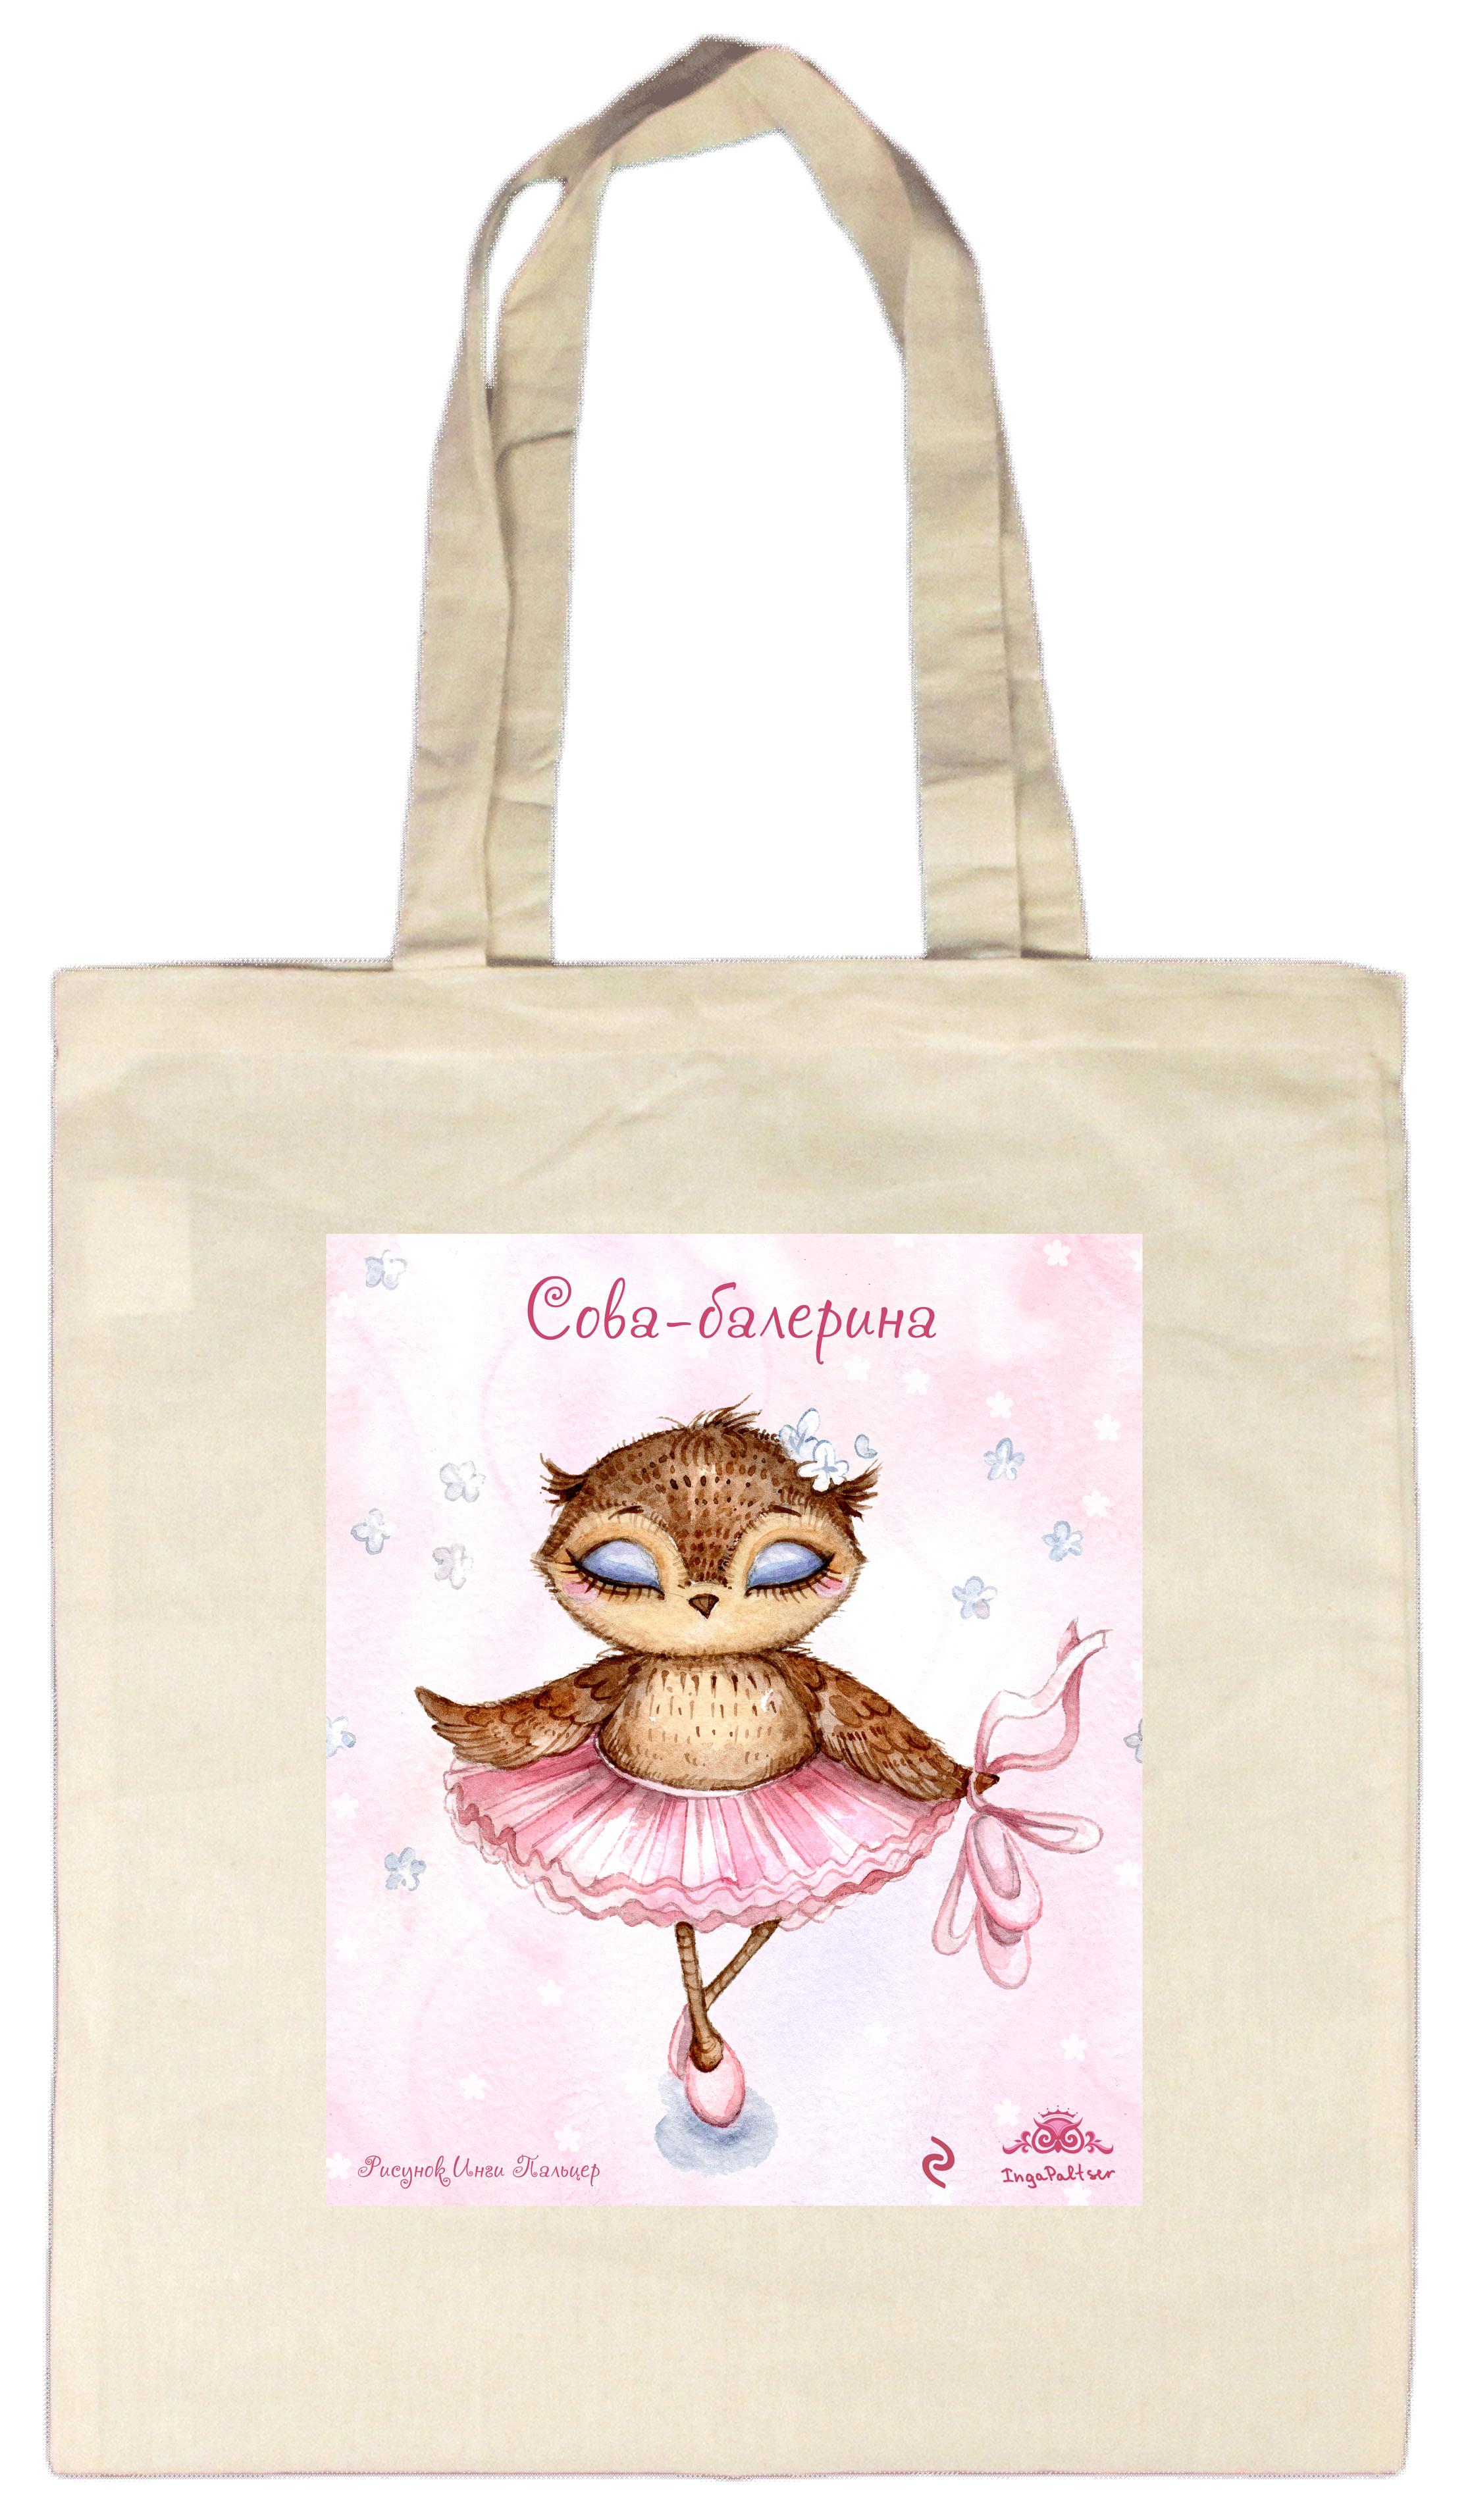 """Смешные совы теперь и на сумках! Легкая, удобная сумка """"Сова-балерина"""" из плотной ткани с цветным рисунком любимых персонажей станет отличным спутником на каждый день. Длина ручки позволяет носить ее на плече.  Смешные надписи и авторские рисунки сов от Инги Пальцер будут радовать вас каждый день. А также станут отличным подарком для друзей."""